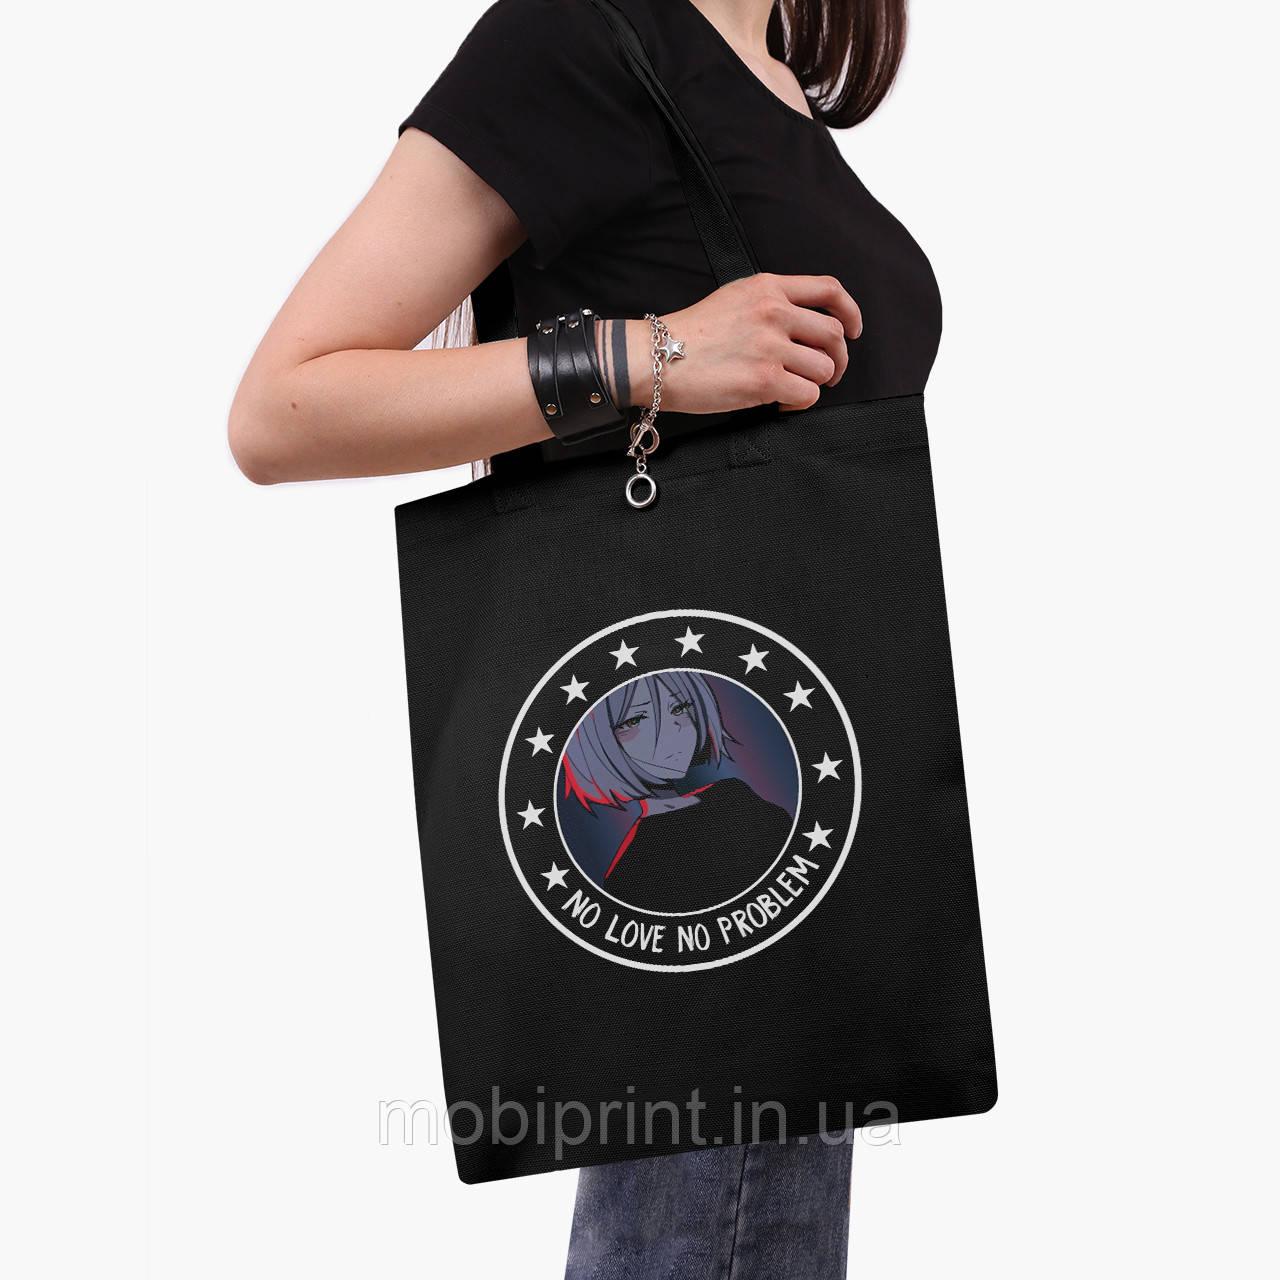 Еко сумка шоппер чорна Немає любові немає проблем Аніме (No Love No Problem Anime) (9227-2842-2) 41*35 см